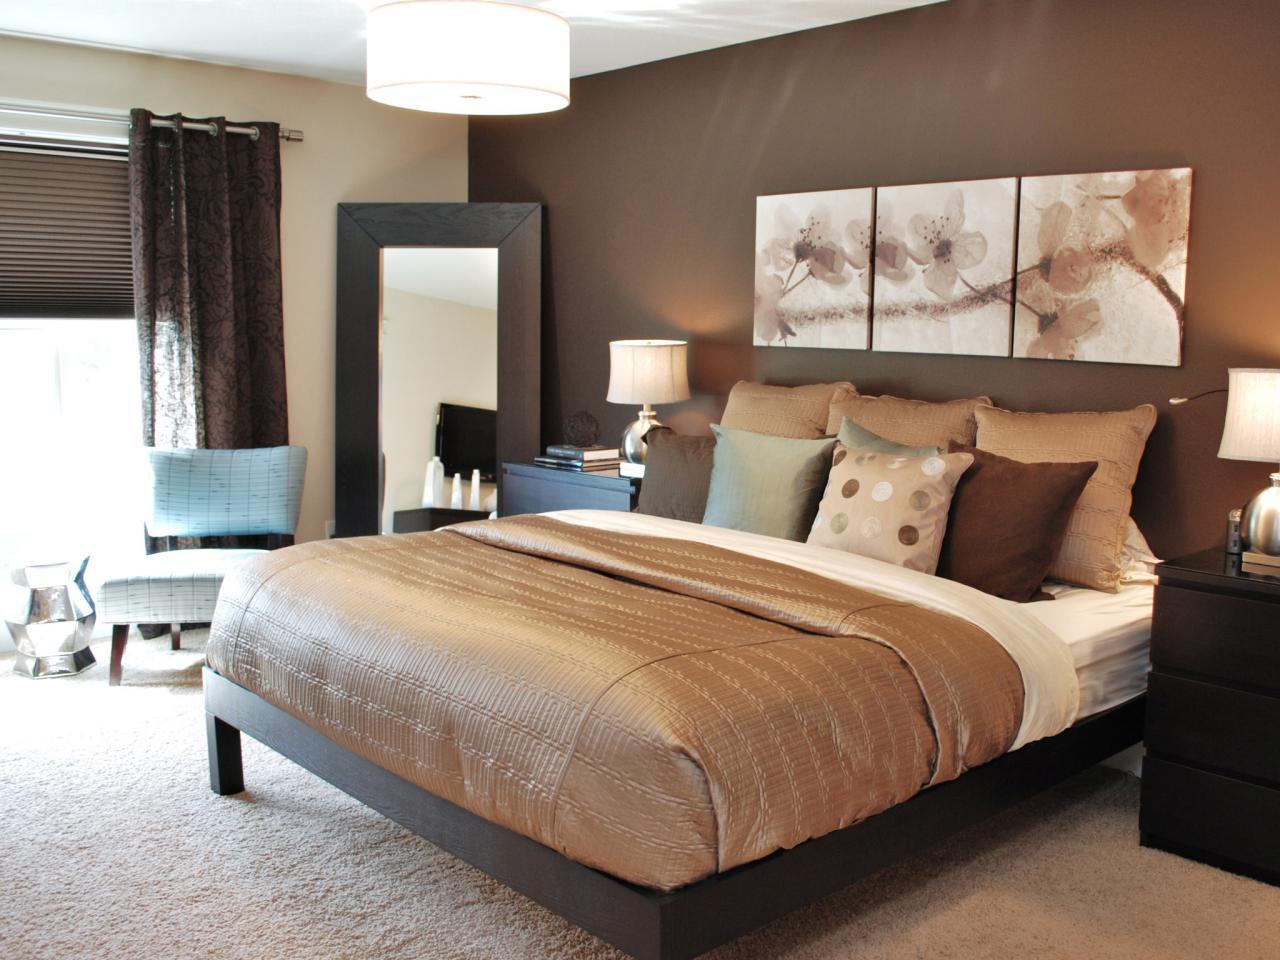 Cozy Boyu0027s Blue Bedroom bedroom wall colour ideas